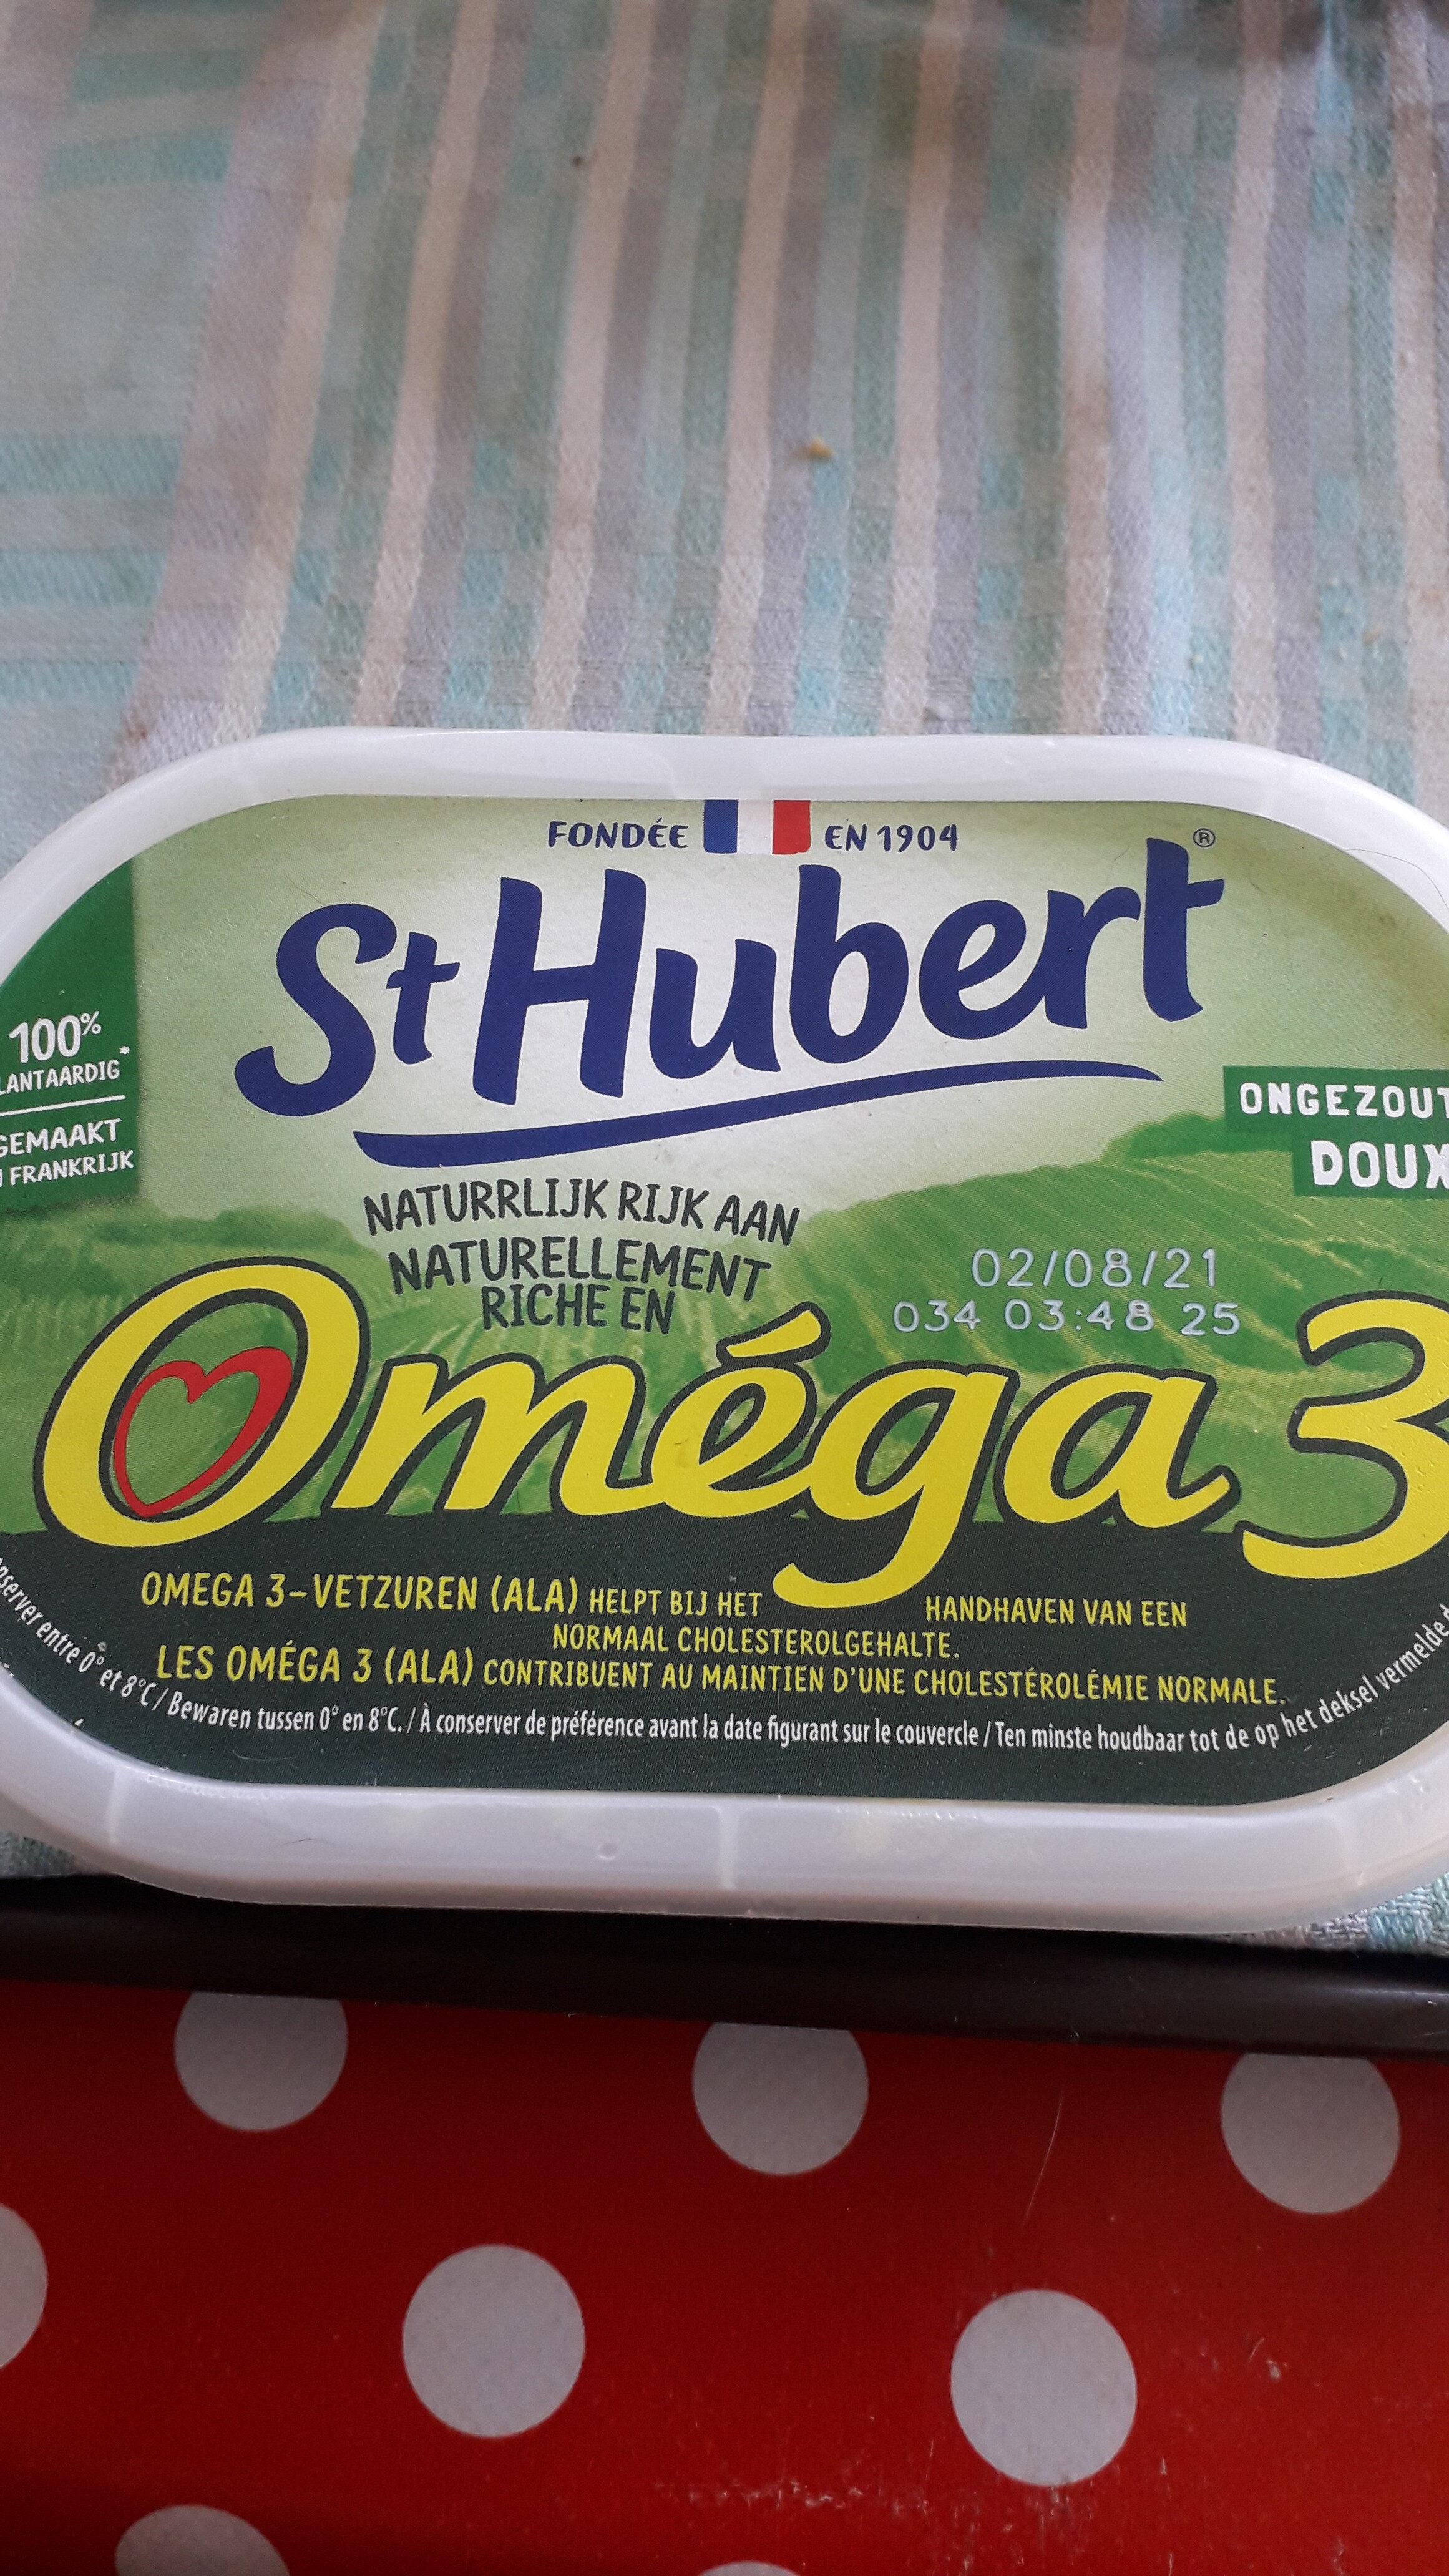 St Hubert Omega 3 doux - Produit - fr